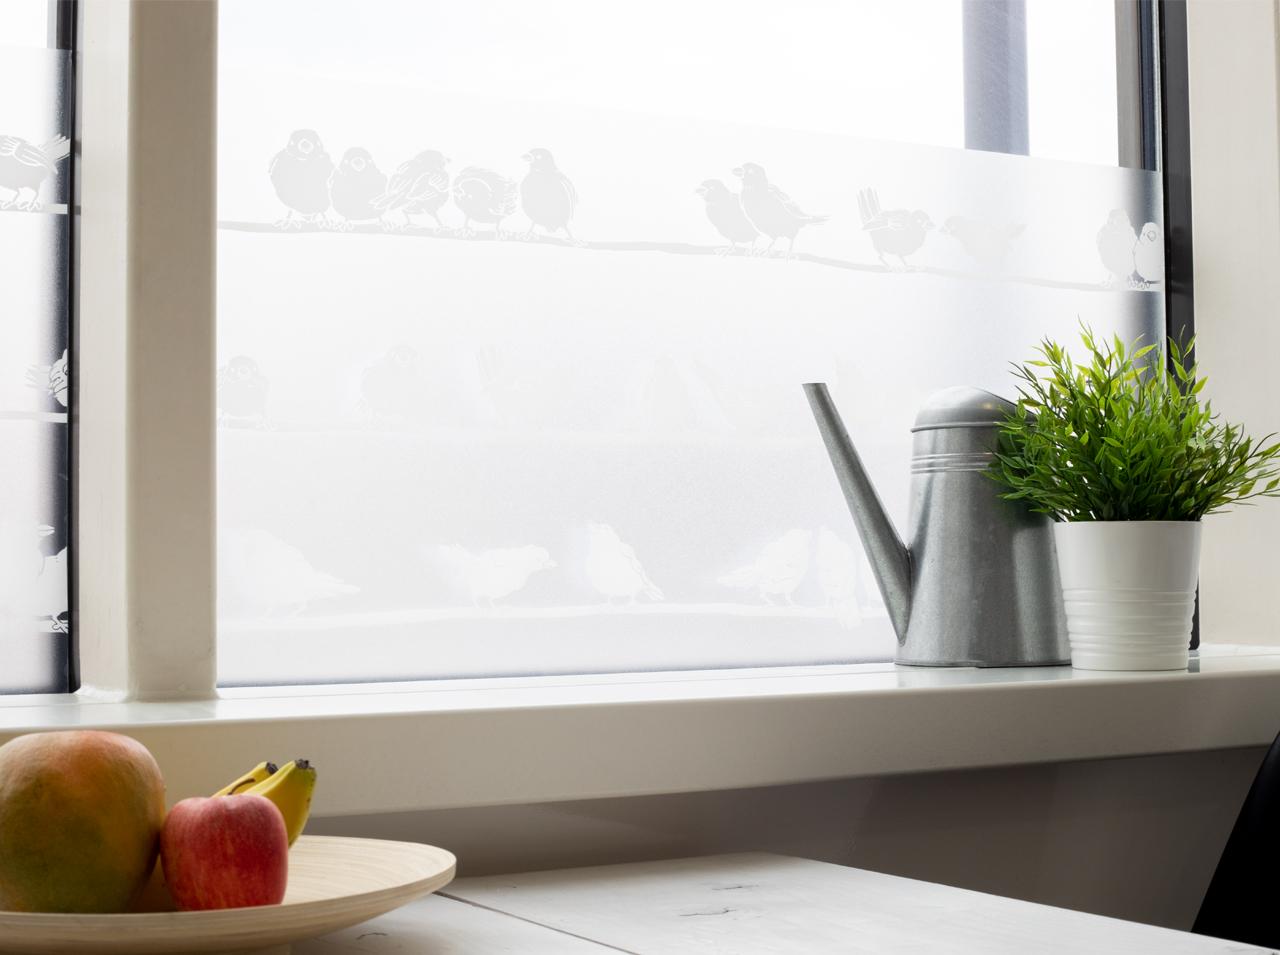 Full Size of Fenster Sichtschutz Innen Ikea Elektrisch Modern Moderne Sichtschutzfolie Streifen Ohne Bohren D C Home Fr Deine Im Garten Jalousie Sichtschutzfolien Für Fenster Fenster Sichtschutz